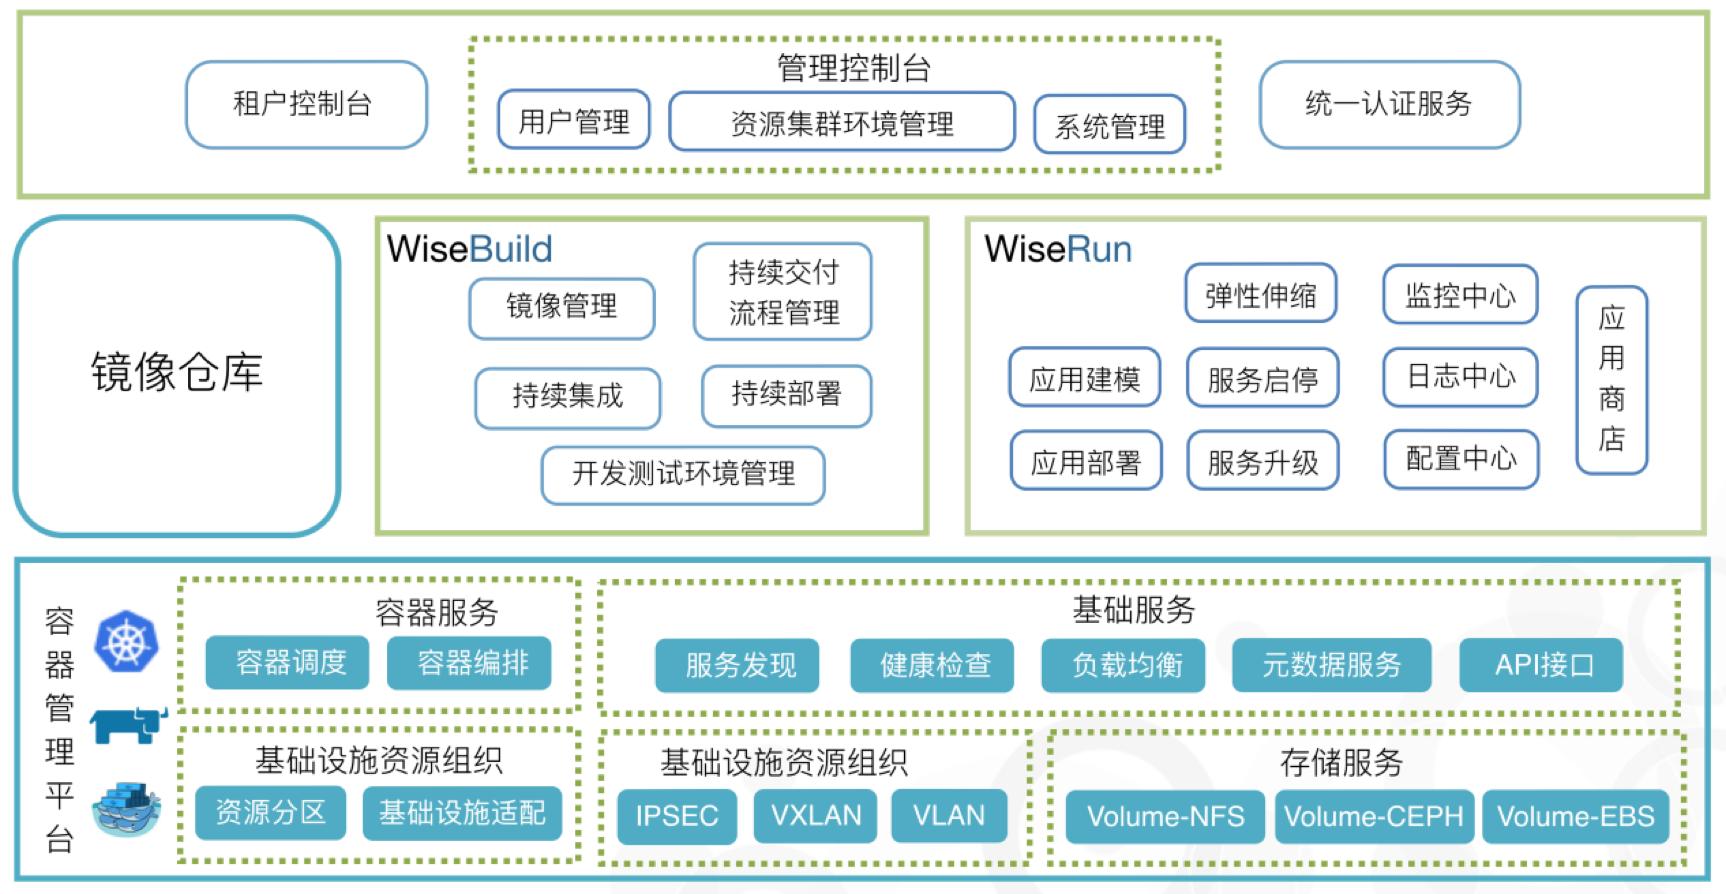 睿云智合智合产品架构图